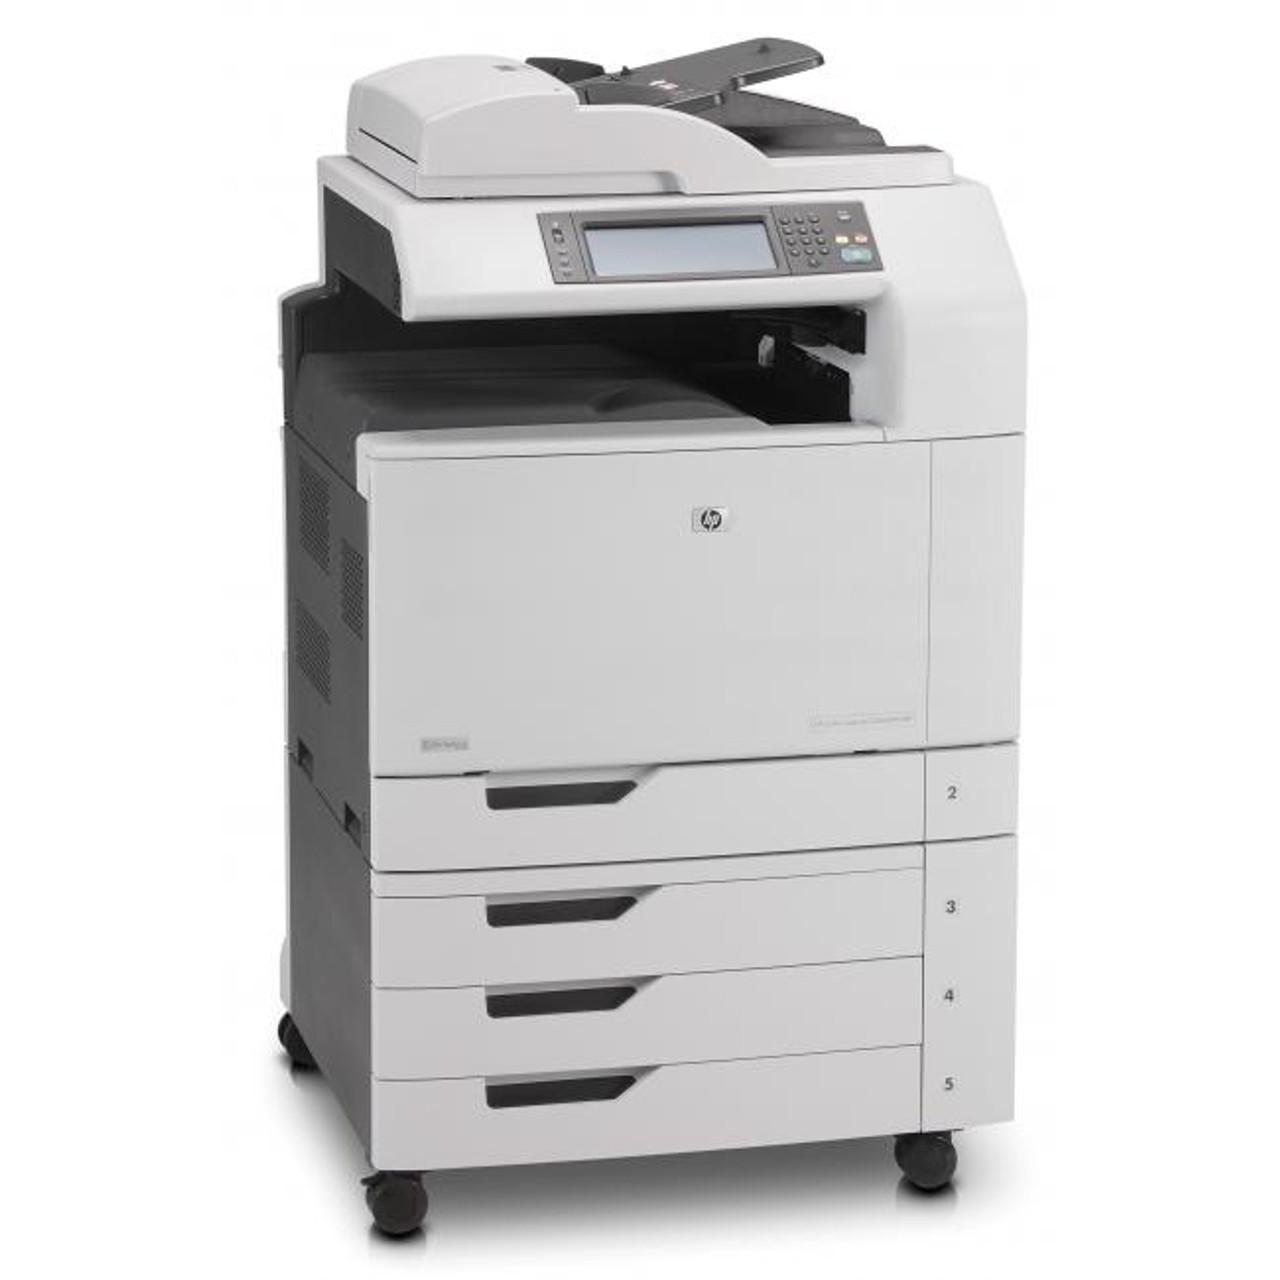 HP Color LaserJet CM6040f - Q3939A - HP Color Laser Printer for sale